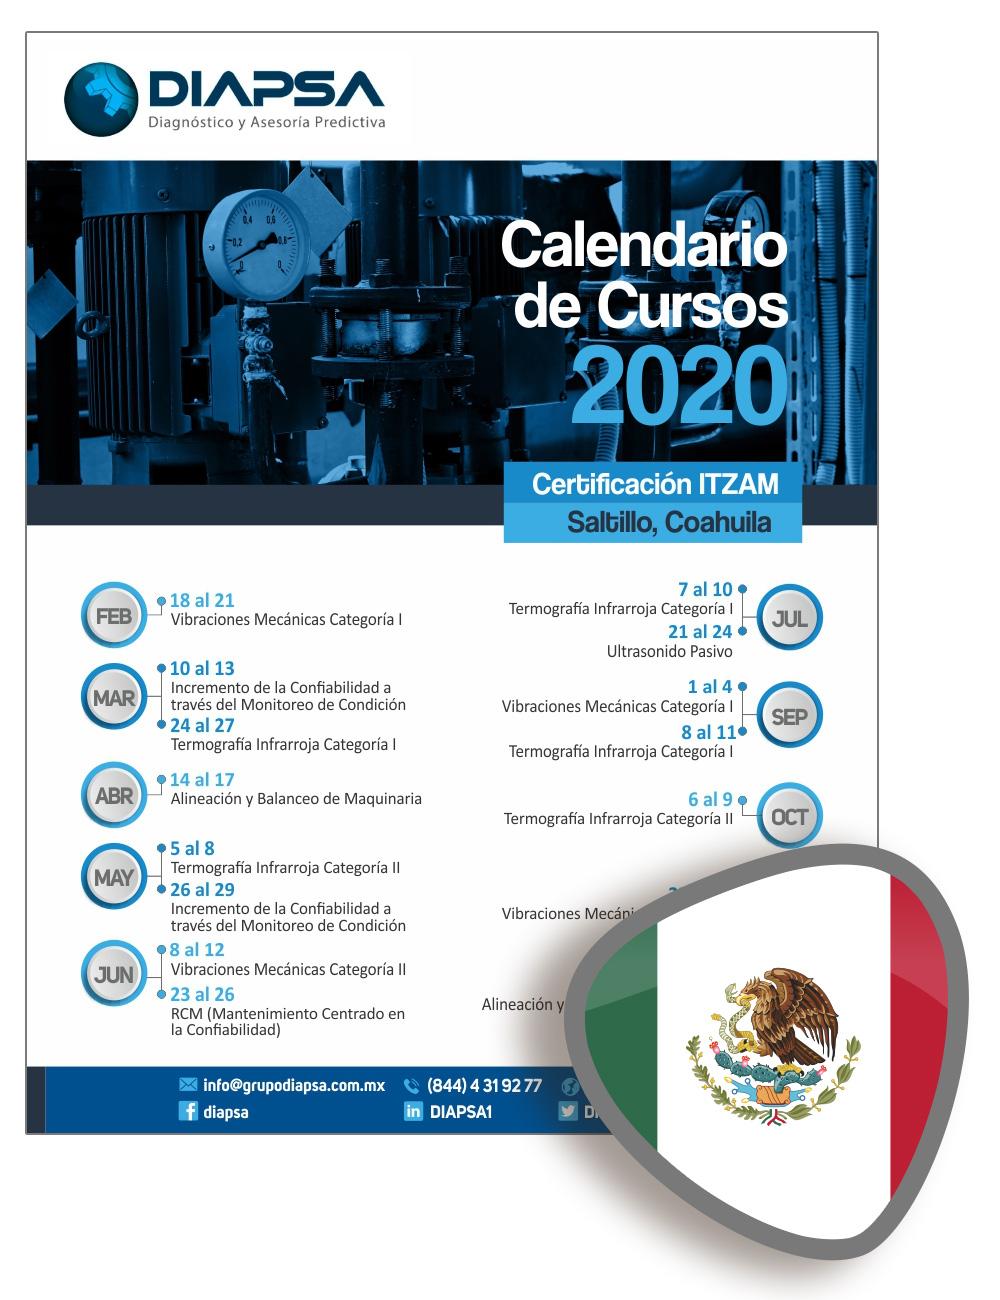 Diapsa - México - Cuross 2020